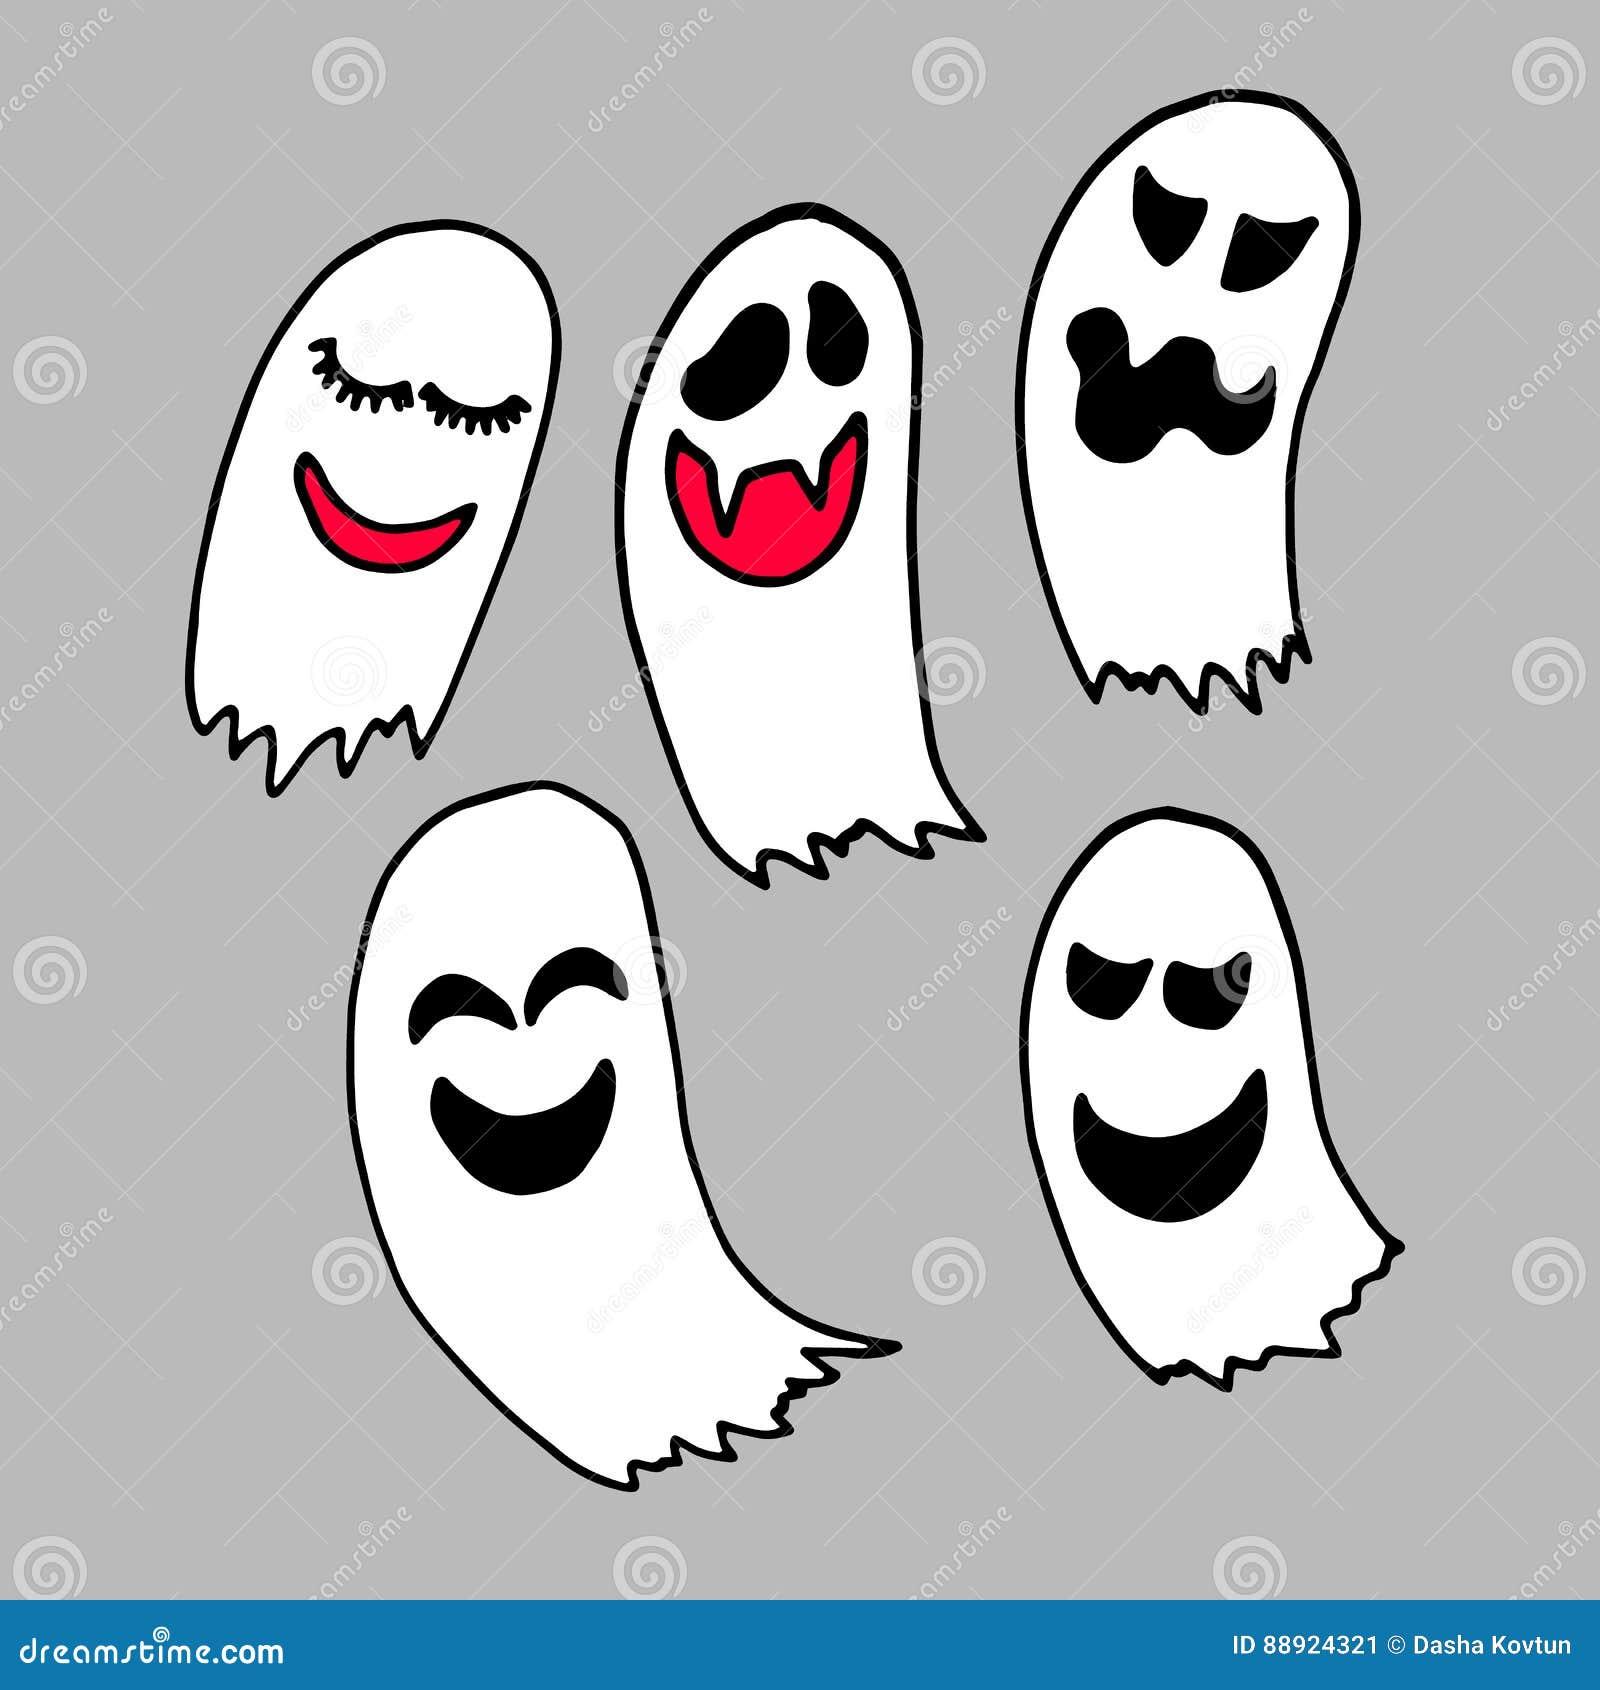 Ghost vector halloween spooky illustration cartoon fear